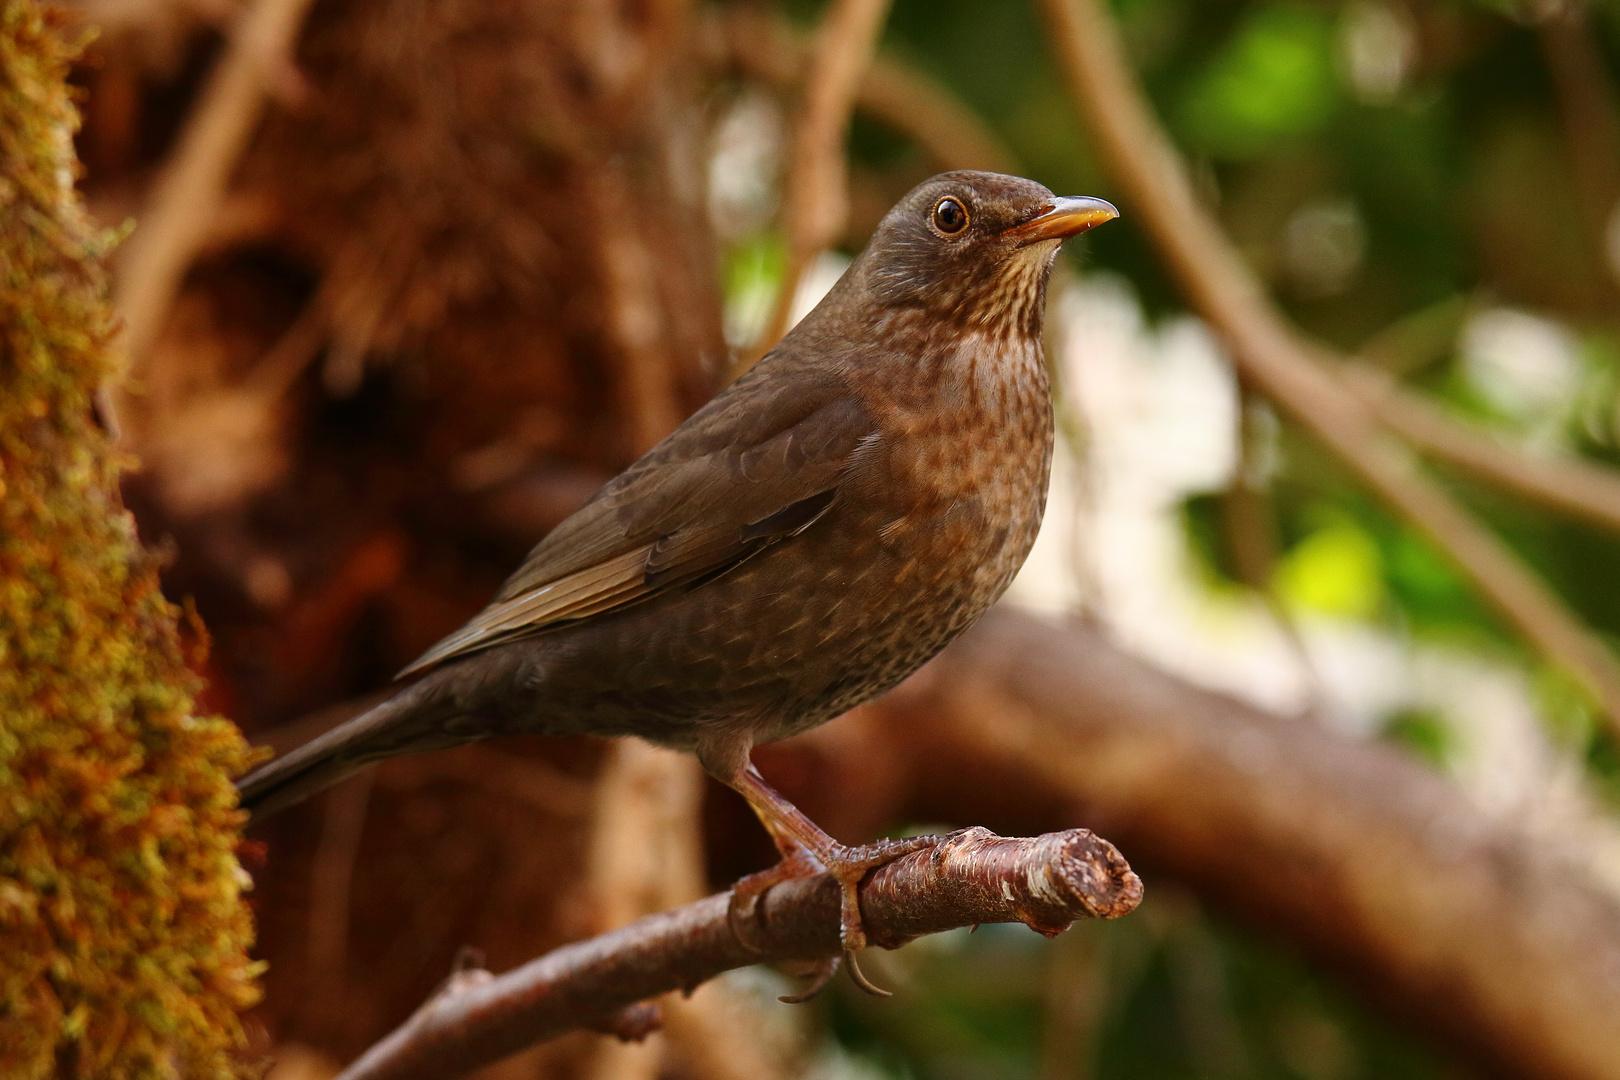 die mamsell foto  bild  tiere wildlife natur